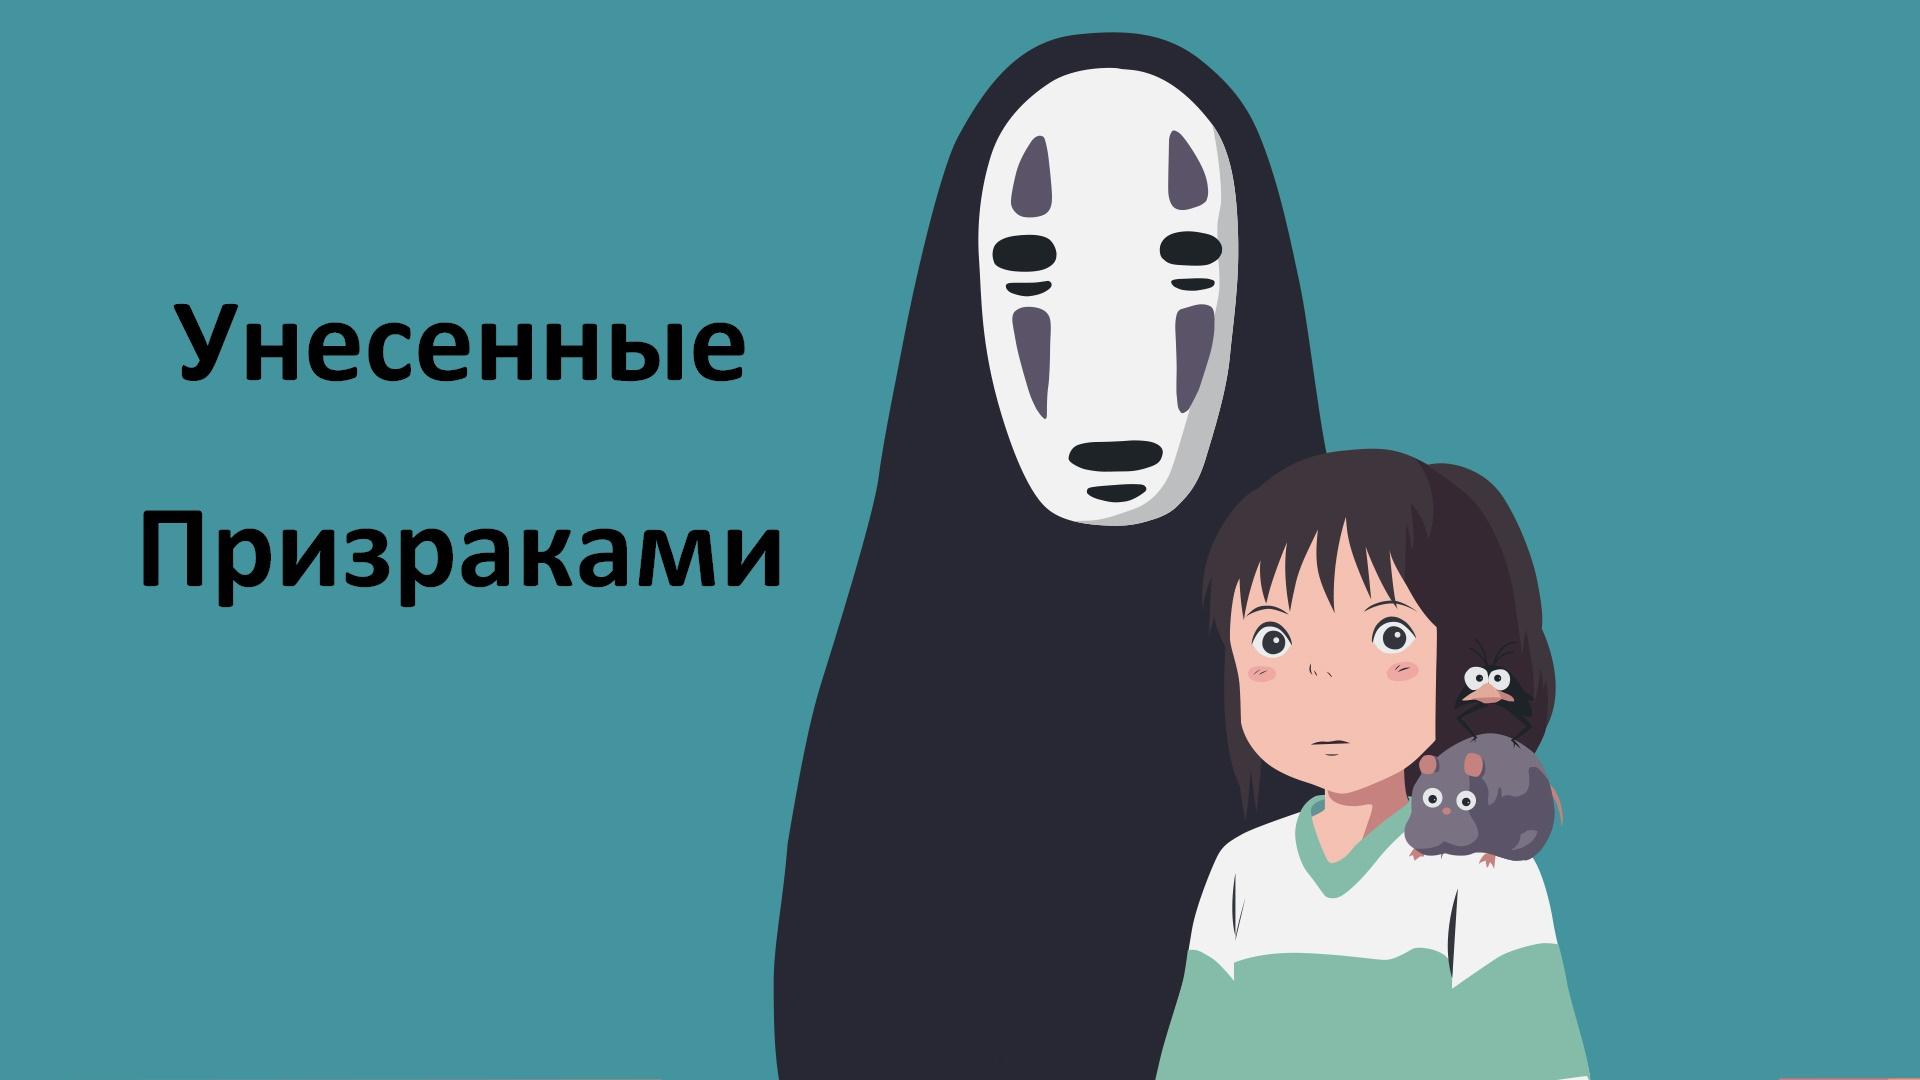 Мультфильм, который стоит посмотреть: «Унесенные призраками»